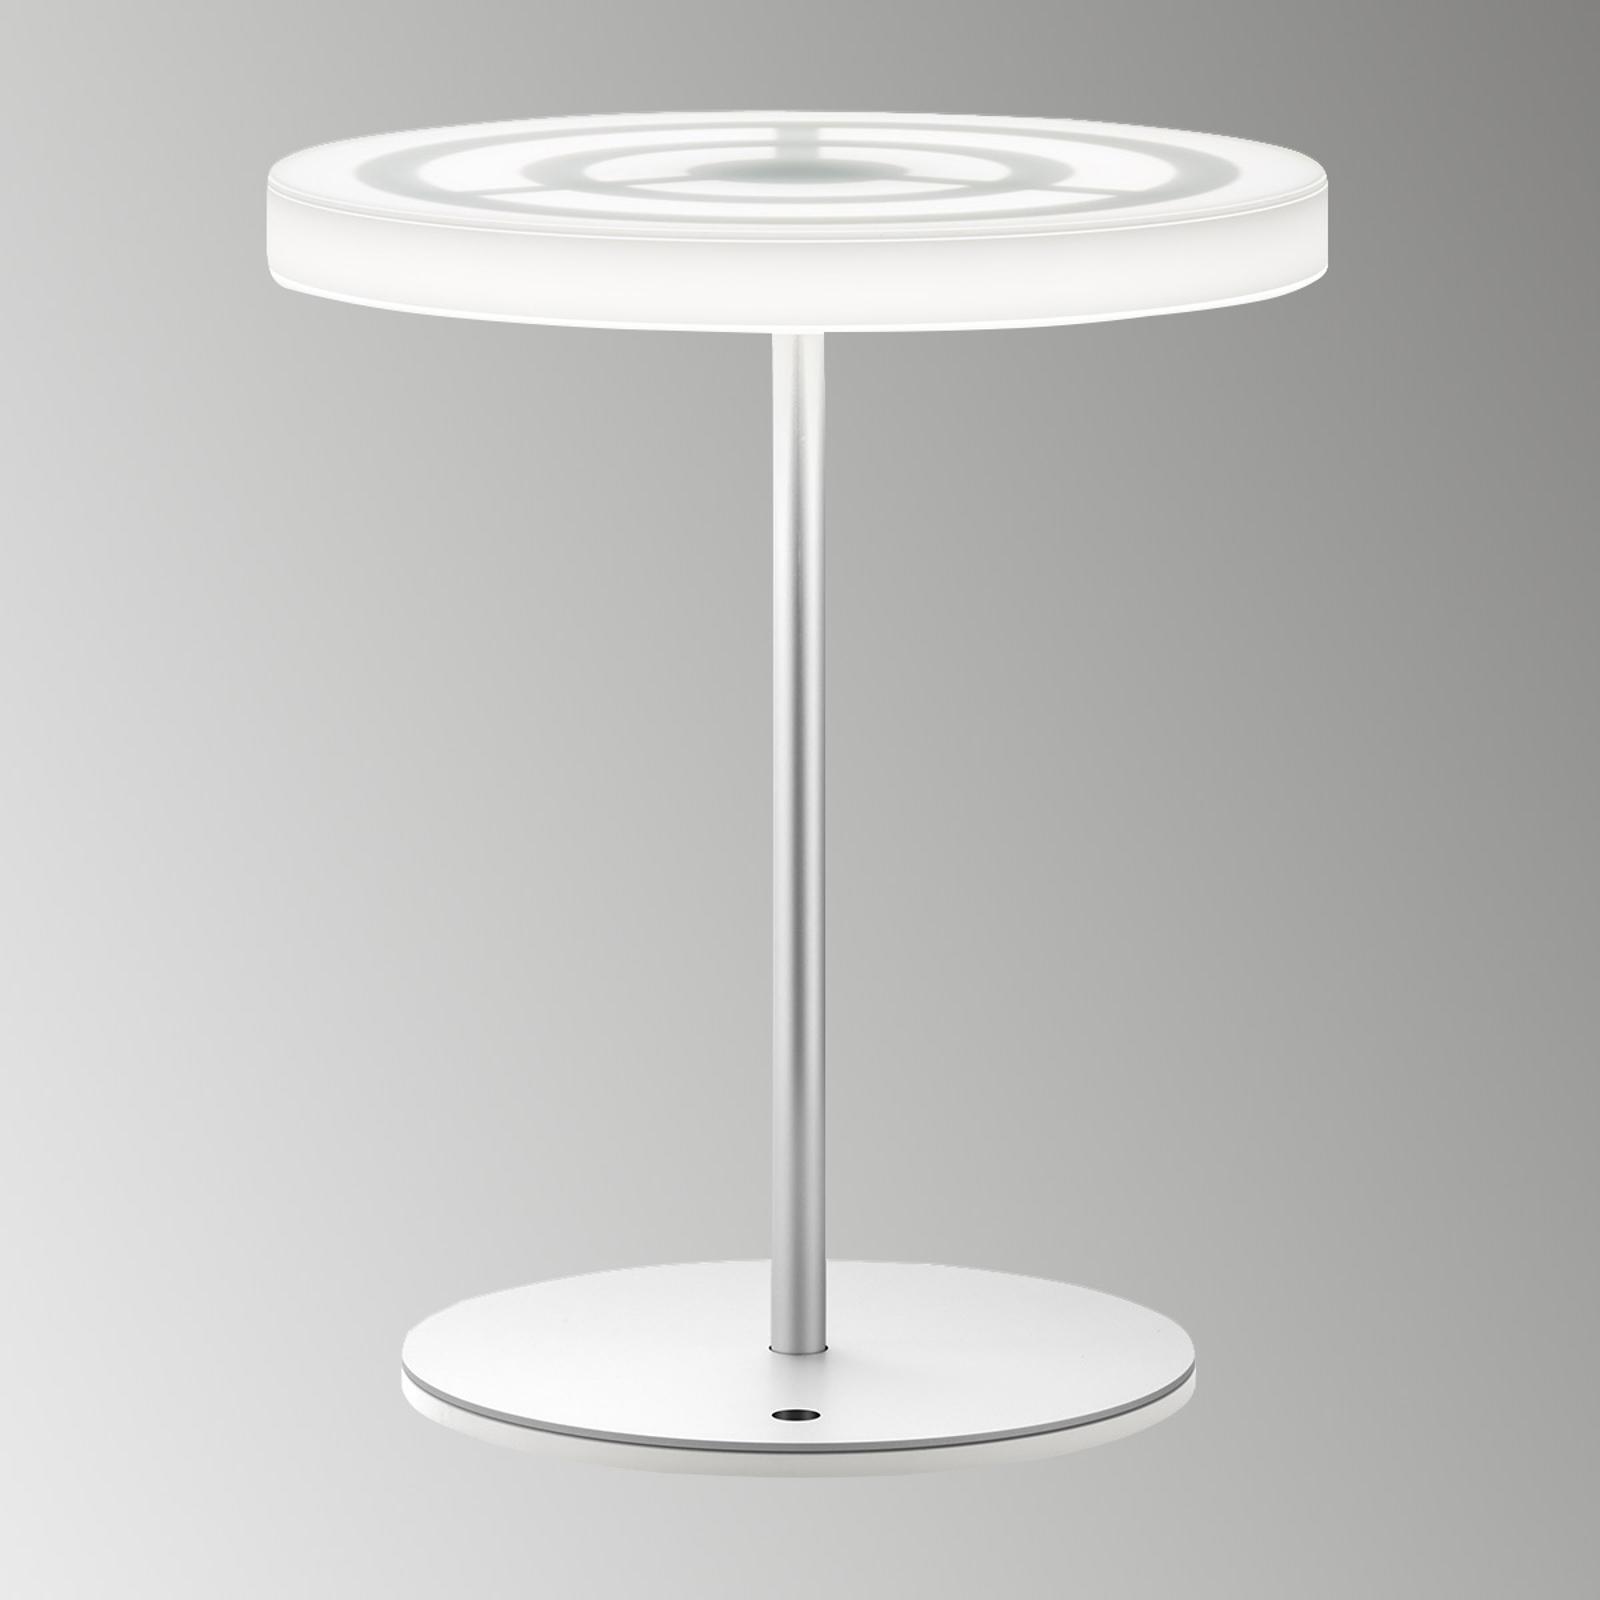 Round d30s - eine erstklassige LED-Tischleuchte